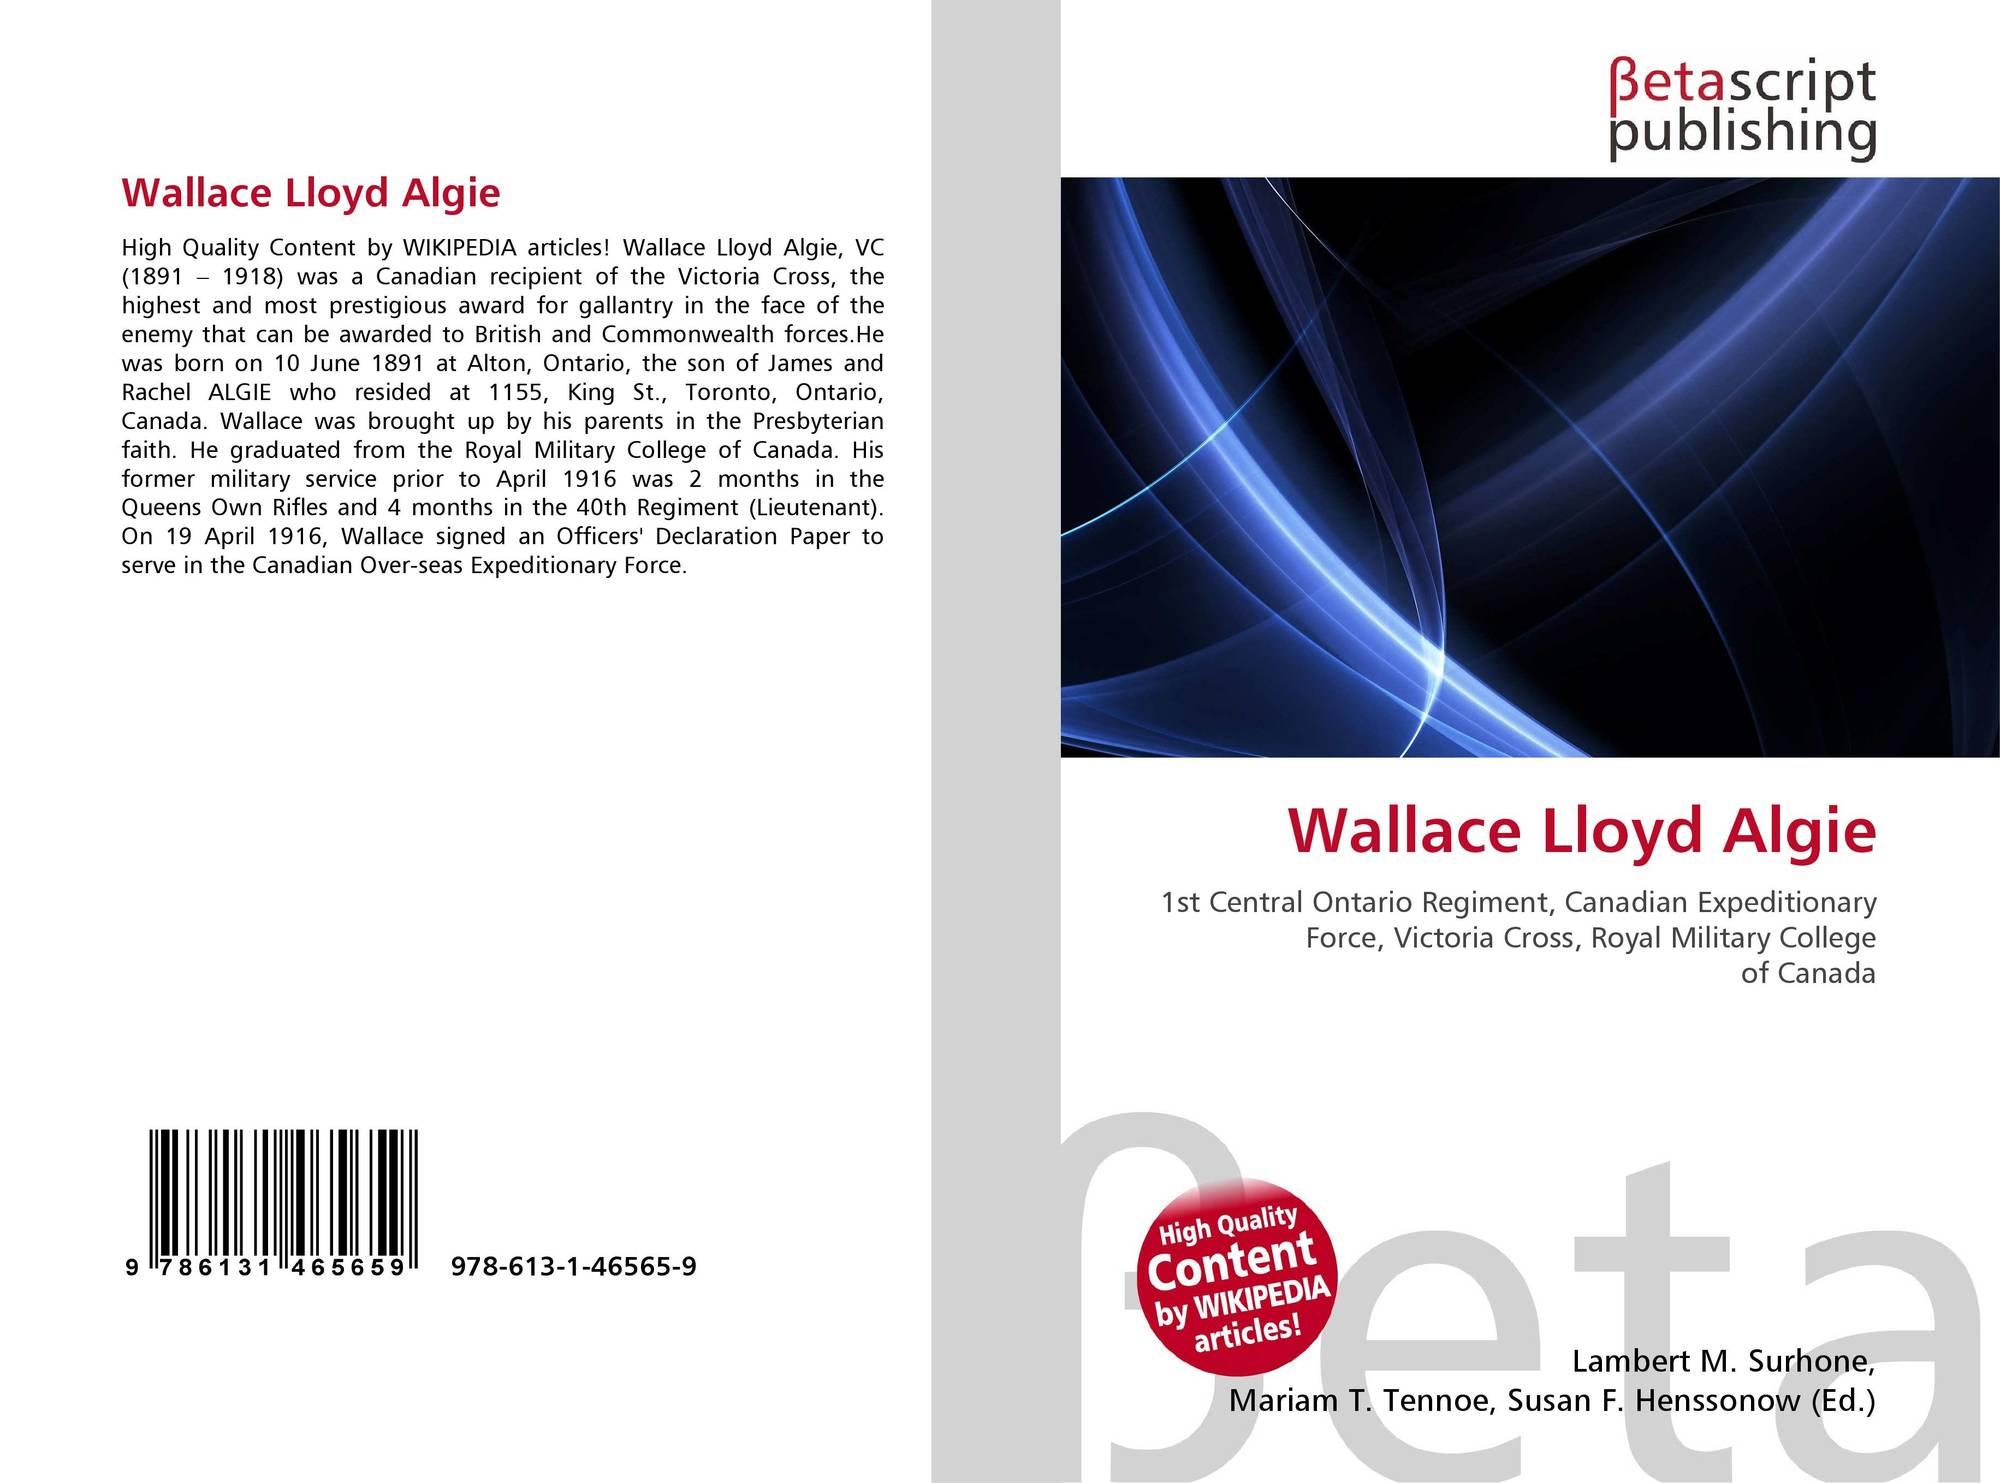 Wallace Lloyd Algie